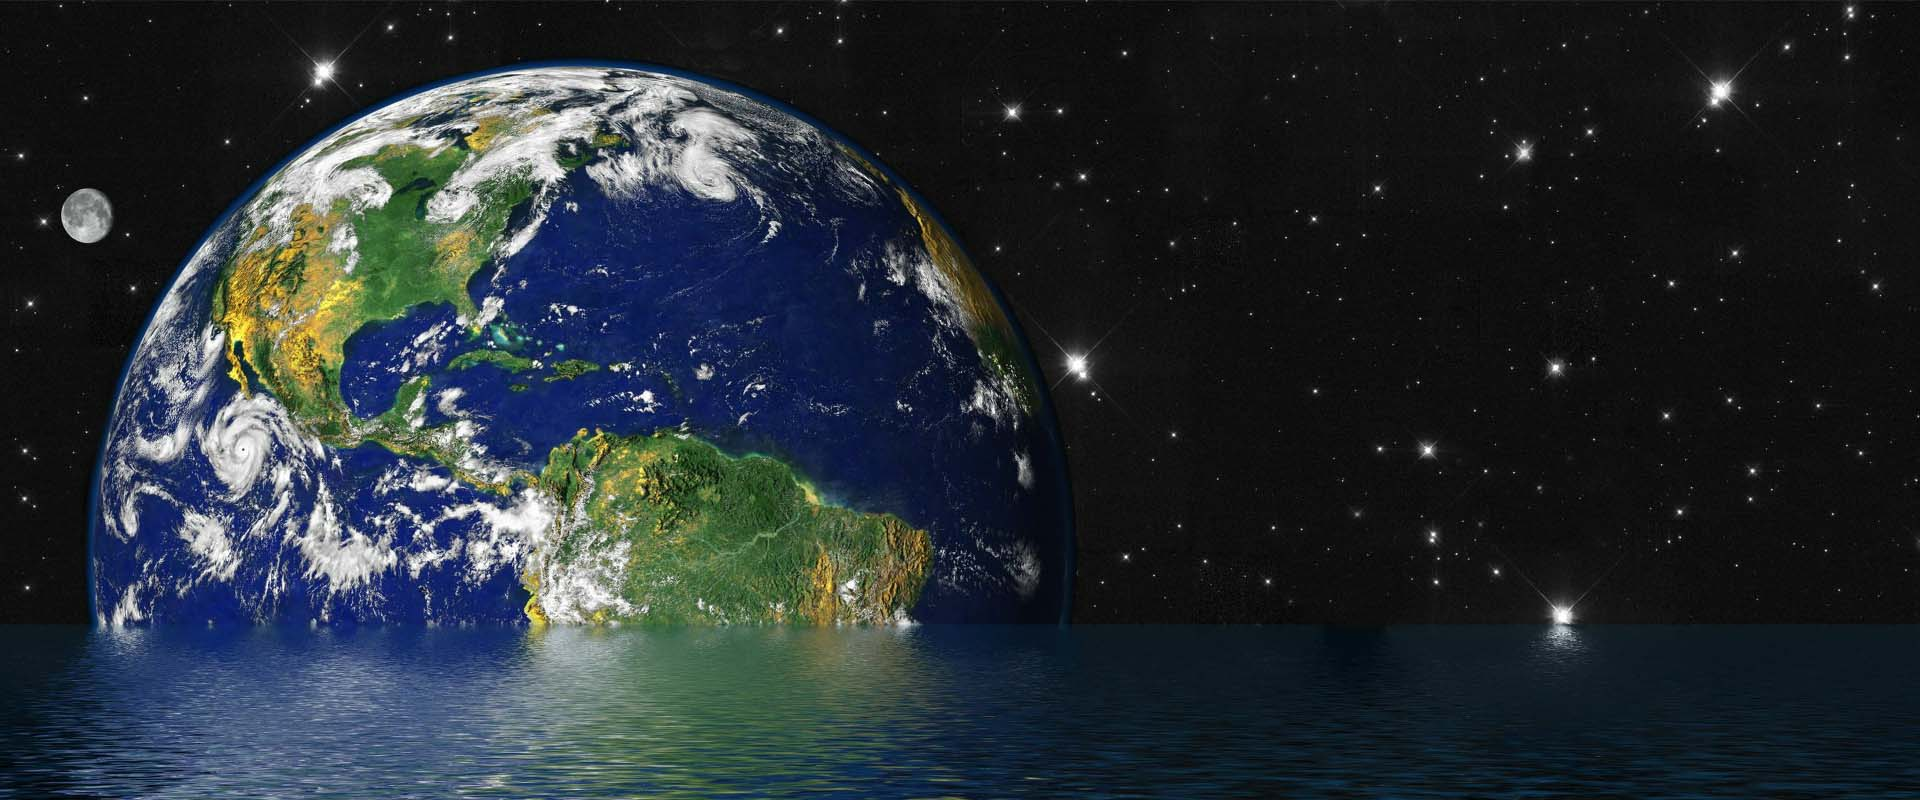 Beloved world